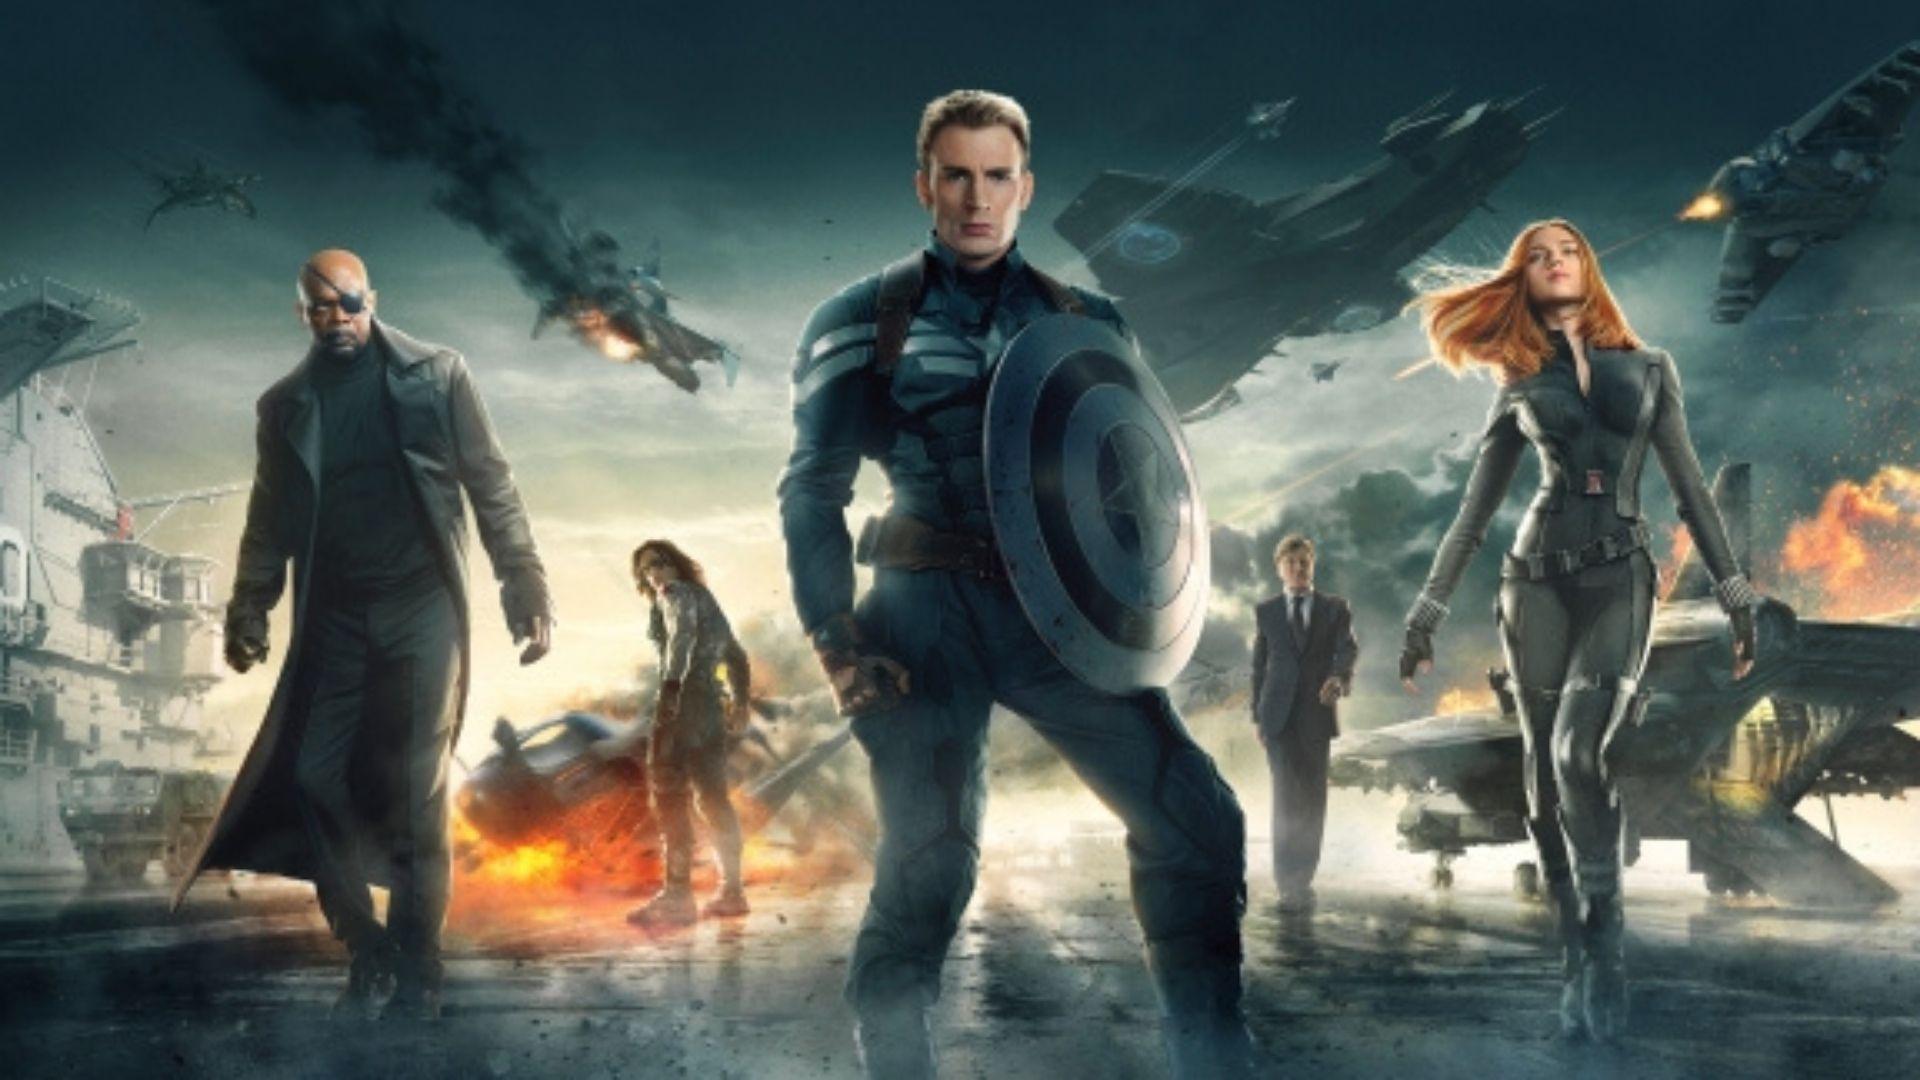 【マーベル映画】『キャプテン・アメリカ/ウィンター・ソルジャー』のあらすじ、登場ヒーロー・ヴィラン一覧【MCUネタバレ注意】